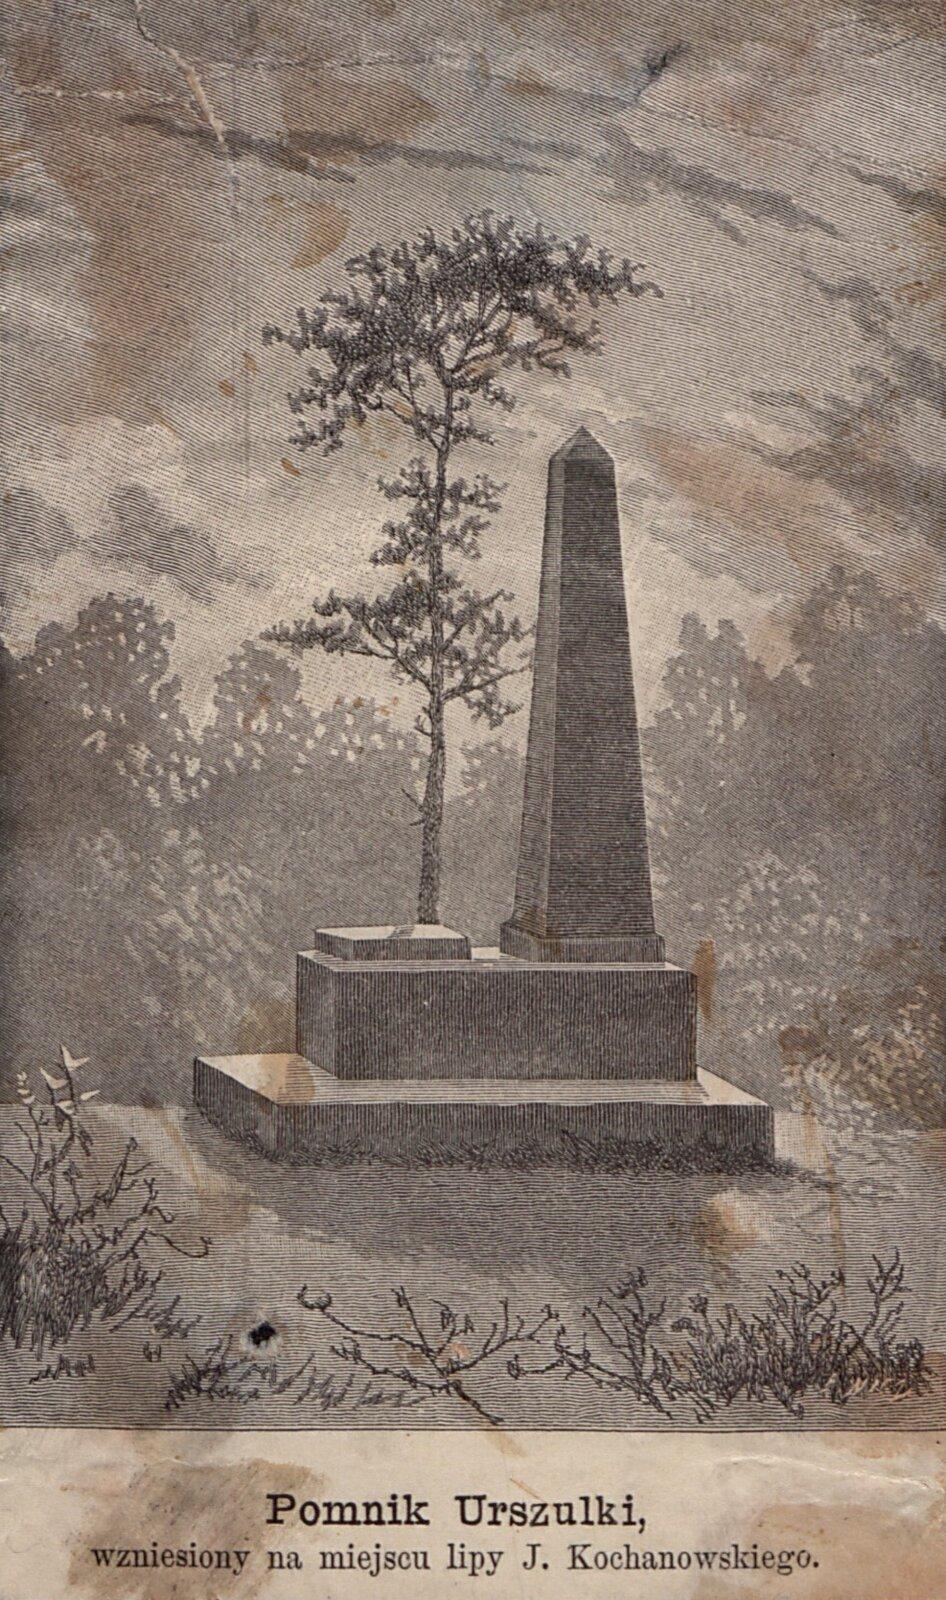 Pomnik Urszulki, wzniesiony na miejscu lipy J. Kochanowskiego Źródło: Edward Karol Nicz, Pomnik Urszulki, wzniesiony na miejscu lipy J. Kochanowskiego, 1868, drzeworyt, domena publiczna.